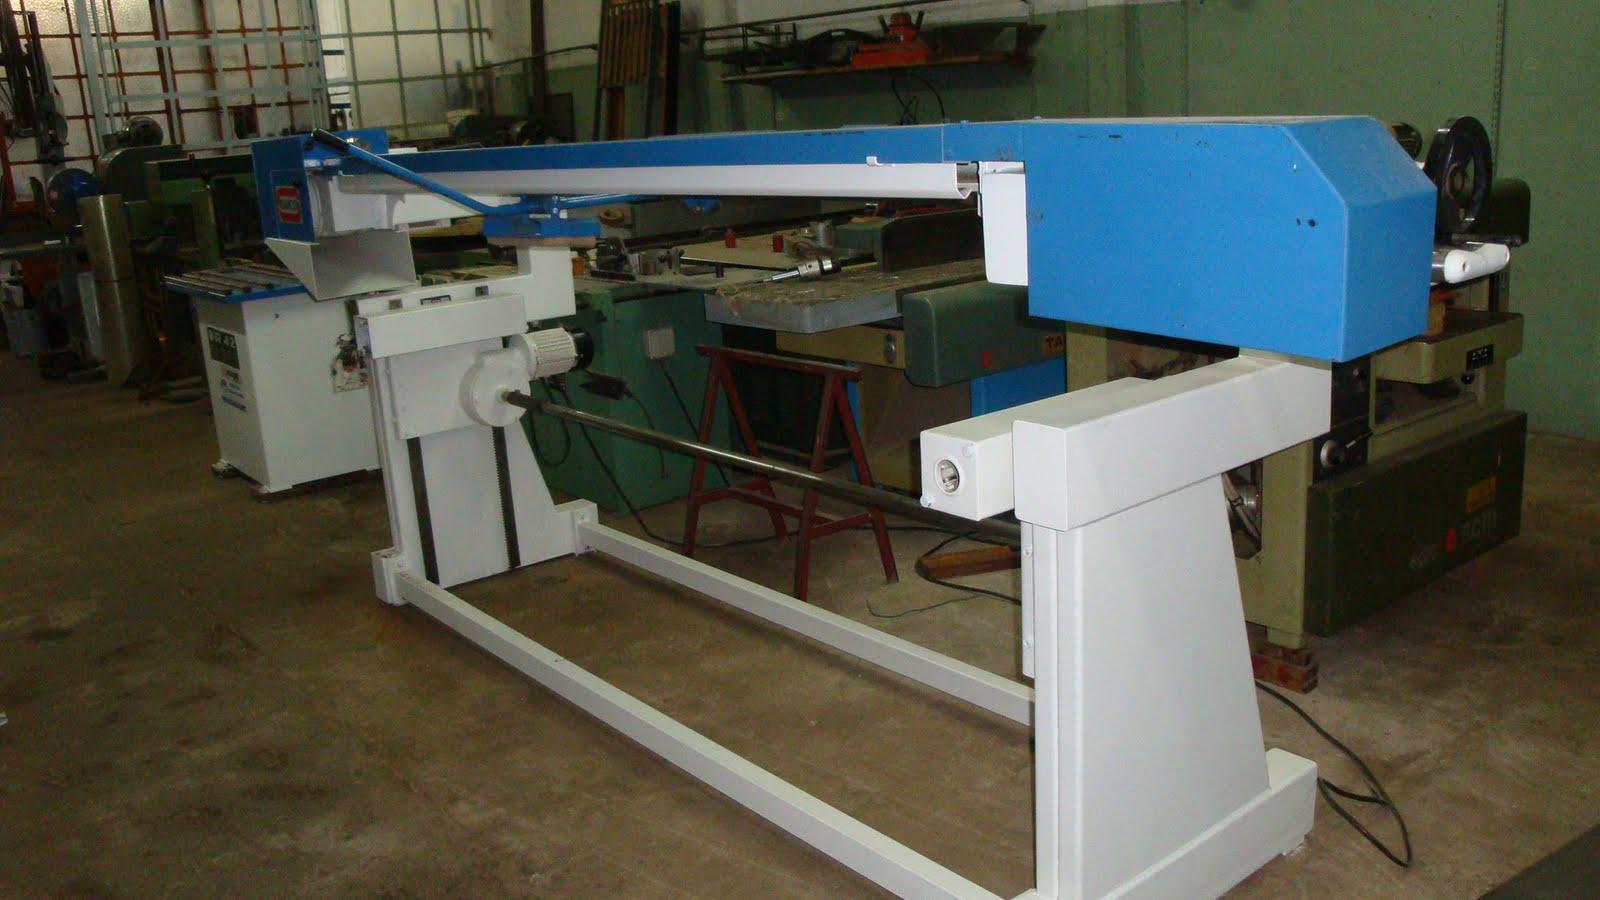 fabrica maquina carpinteria: